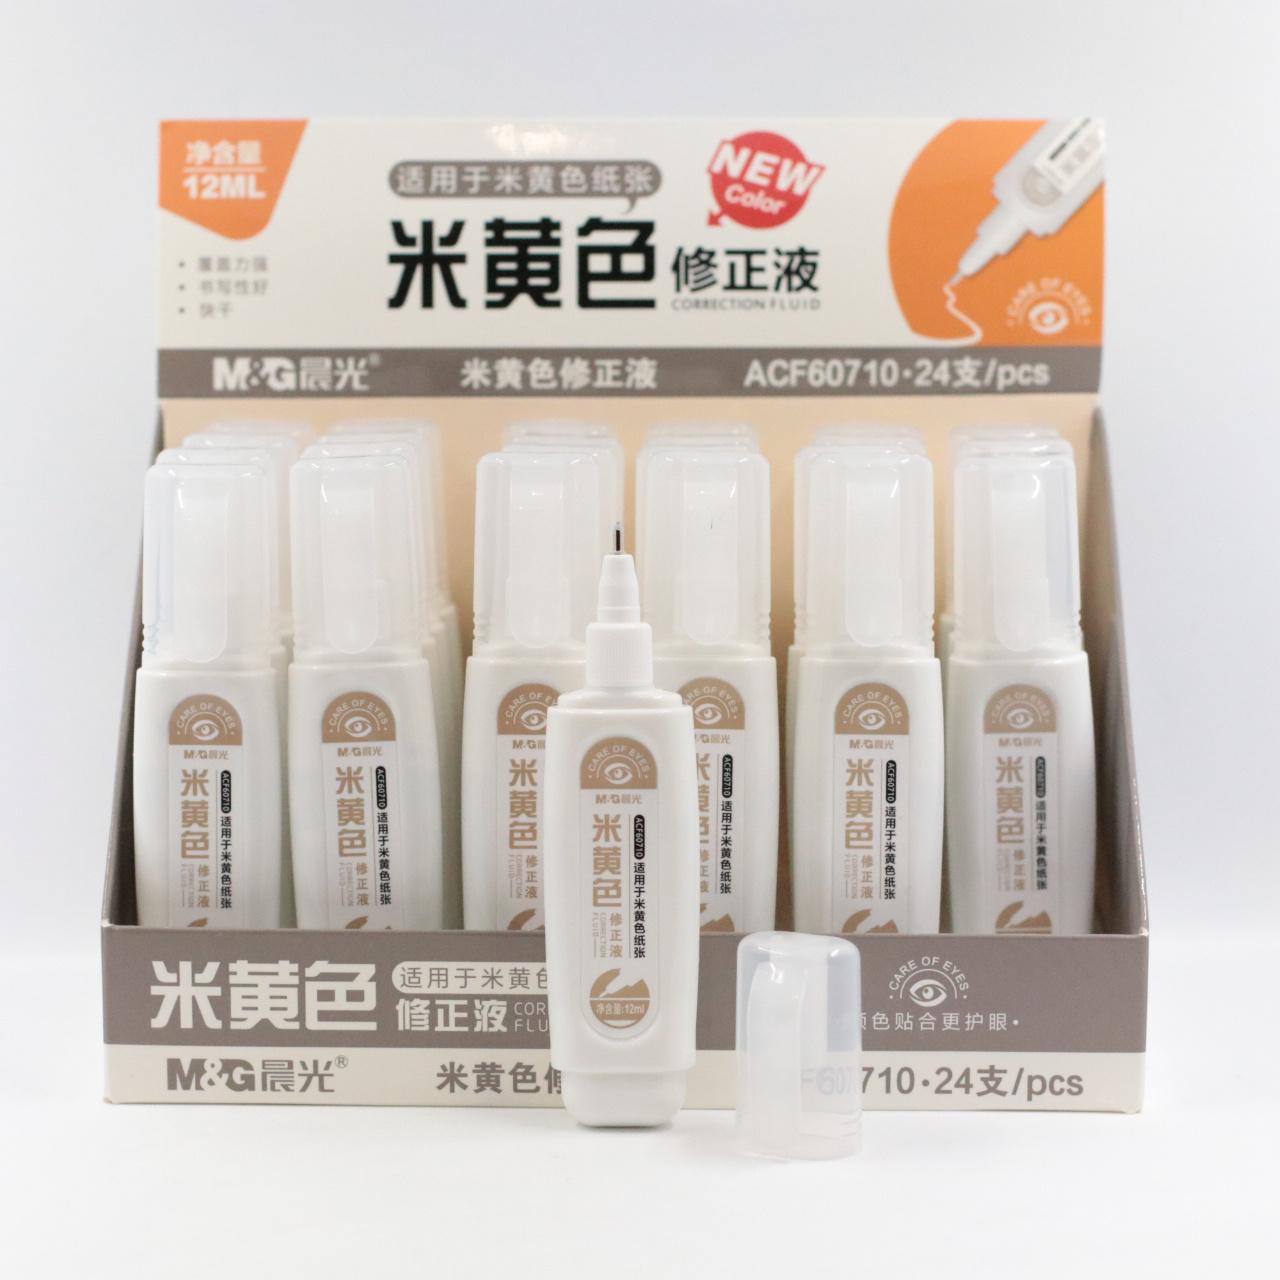 ACF60710 12ml Correction Fluid